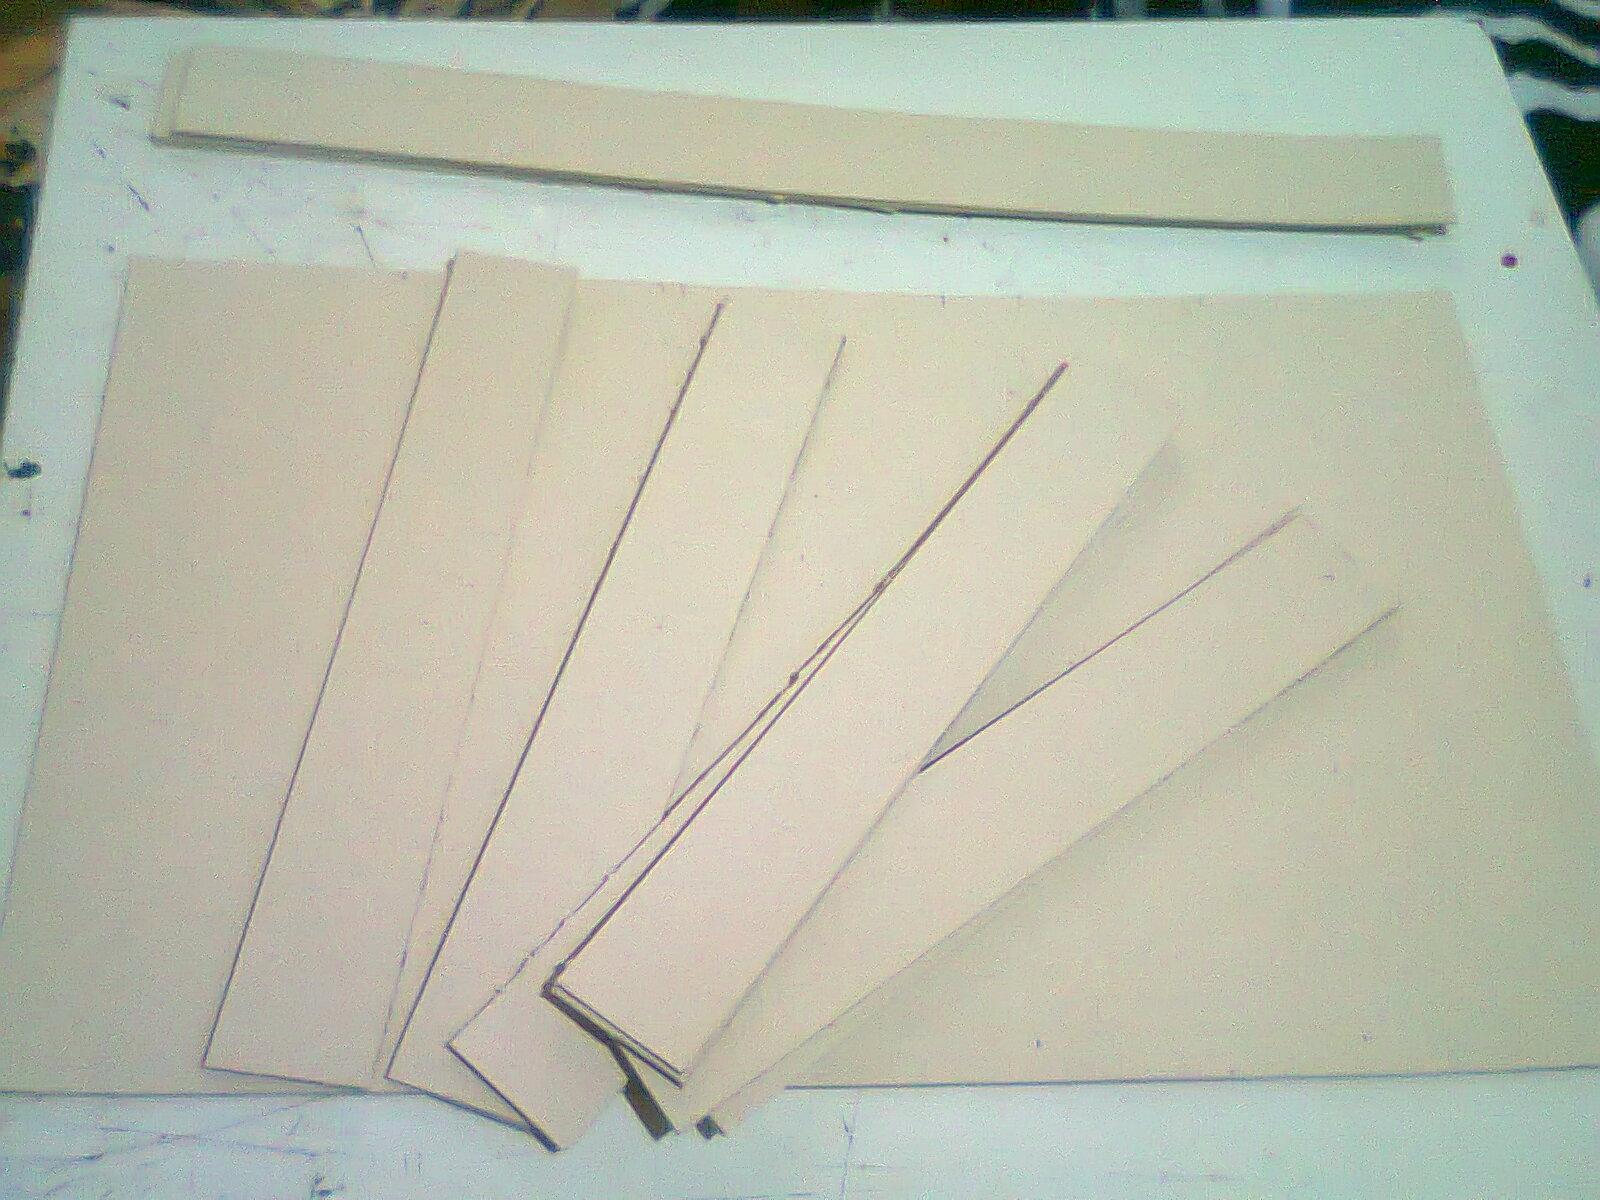 Cafofo Da FoFiNhA: Estante para esmaltes\ Nai polish Rack #1B332D 1600x1200